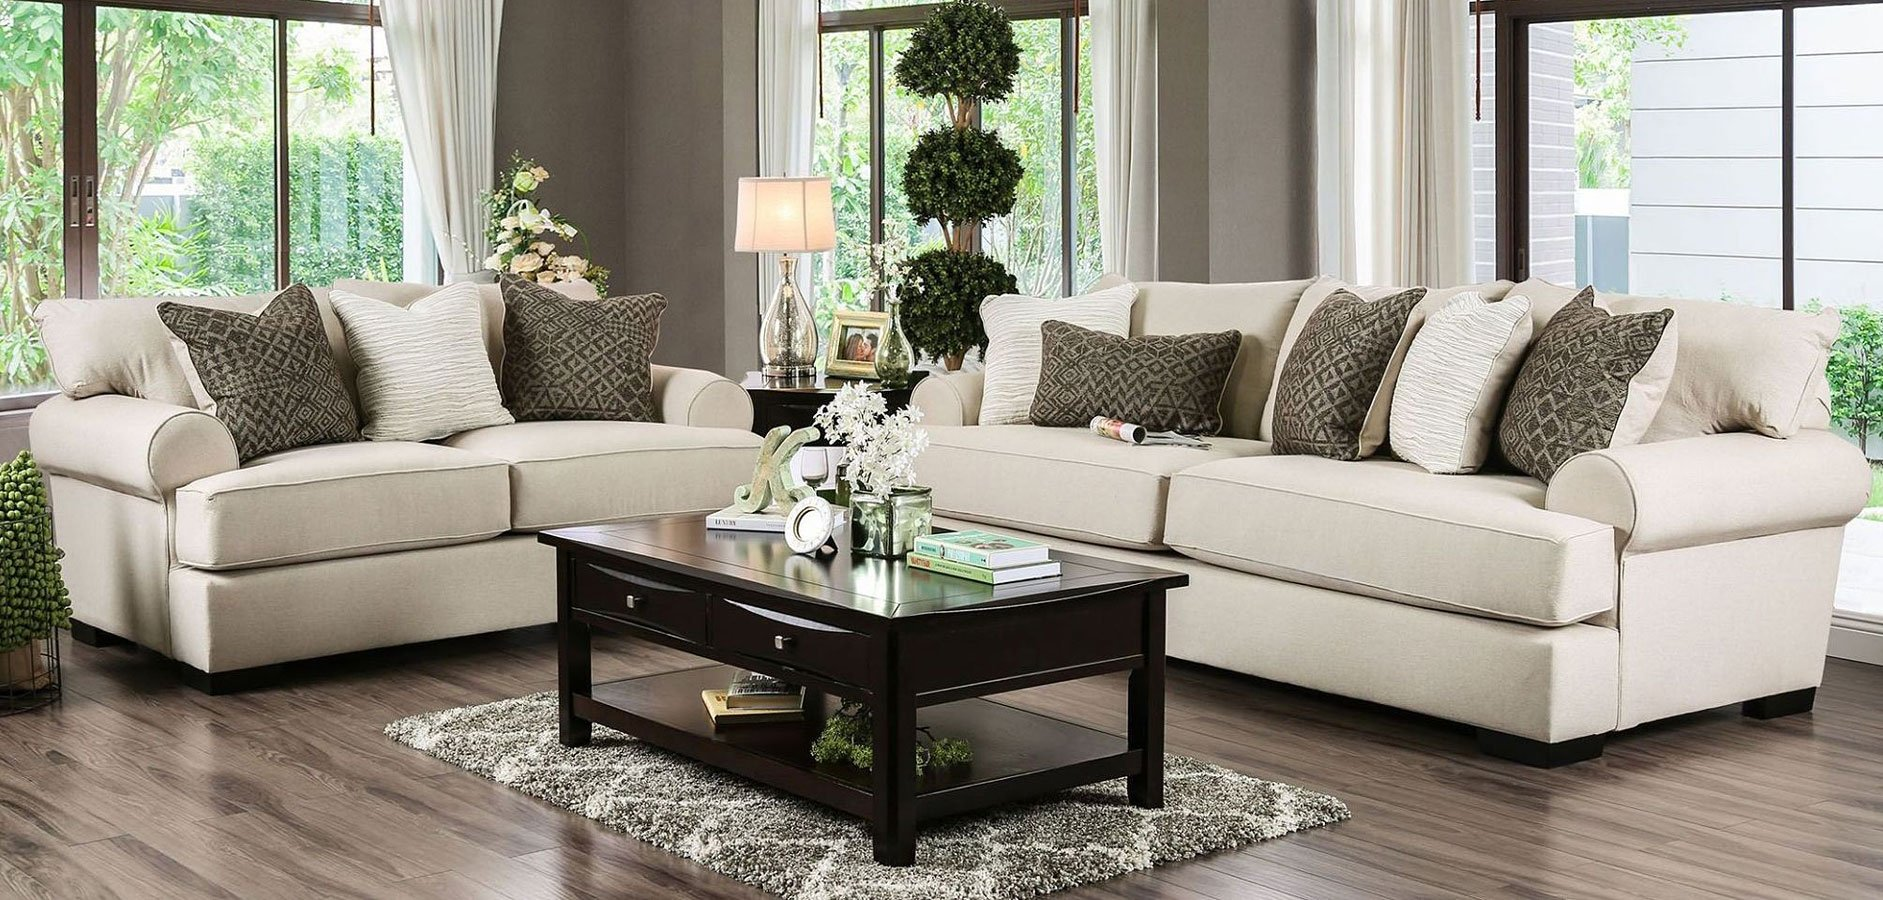 Attirant Furniture Pick